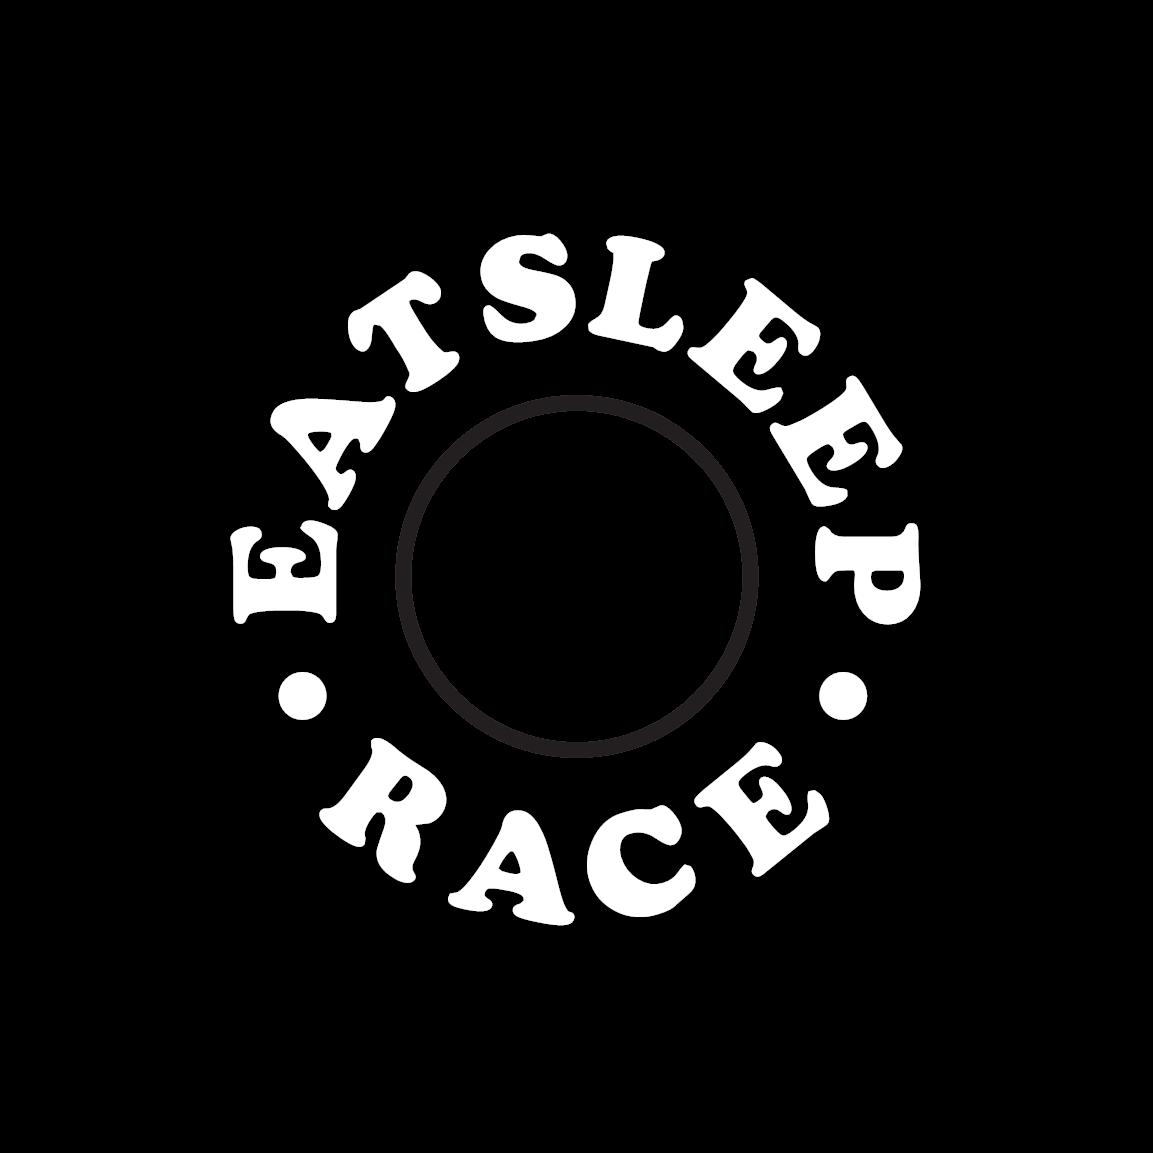 Eat Sleep Race